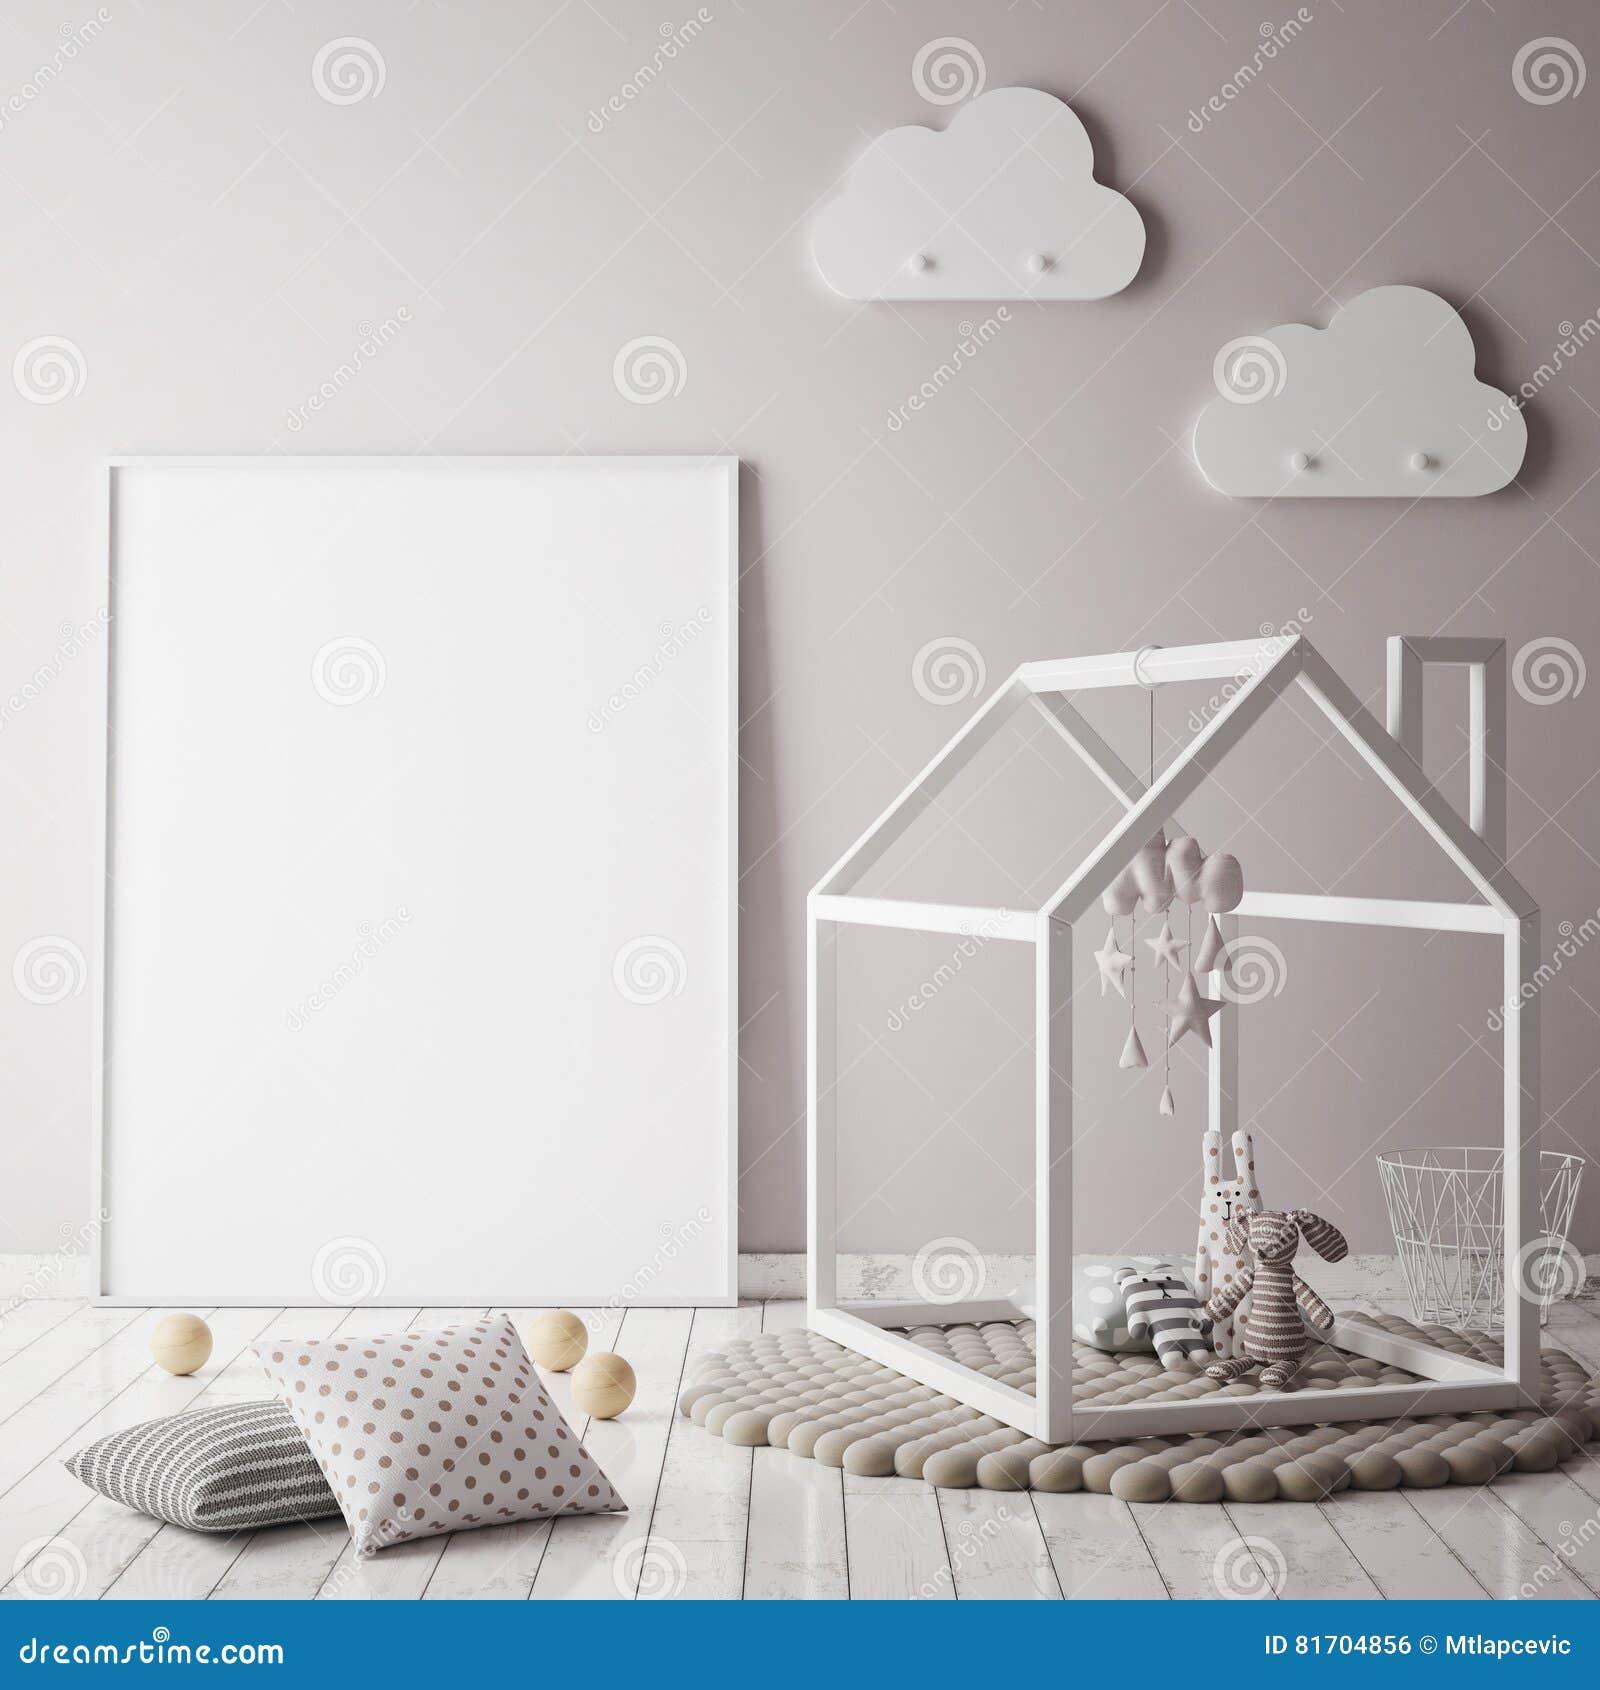 Imite encima de marco del cartel en el dormitorio de los niños, fondo interior del estilo escandinavo,